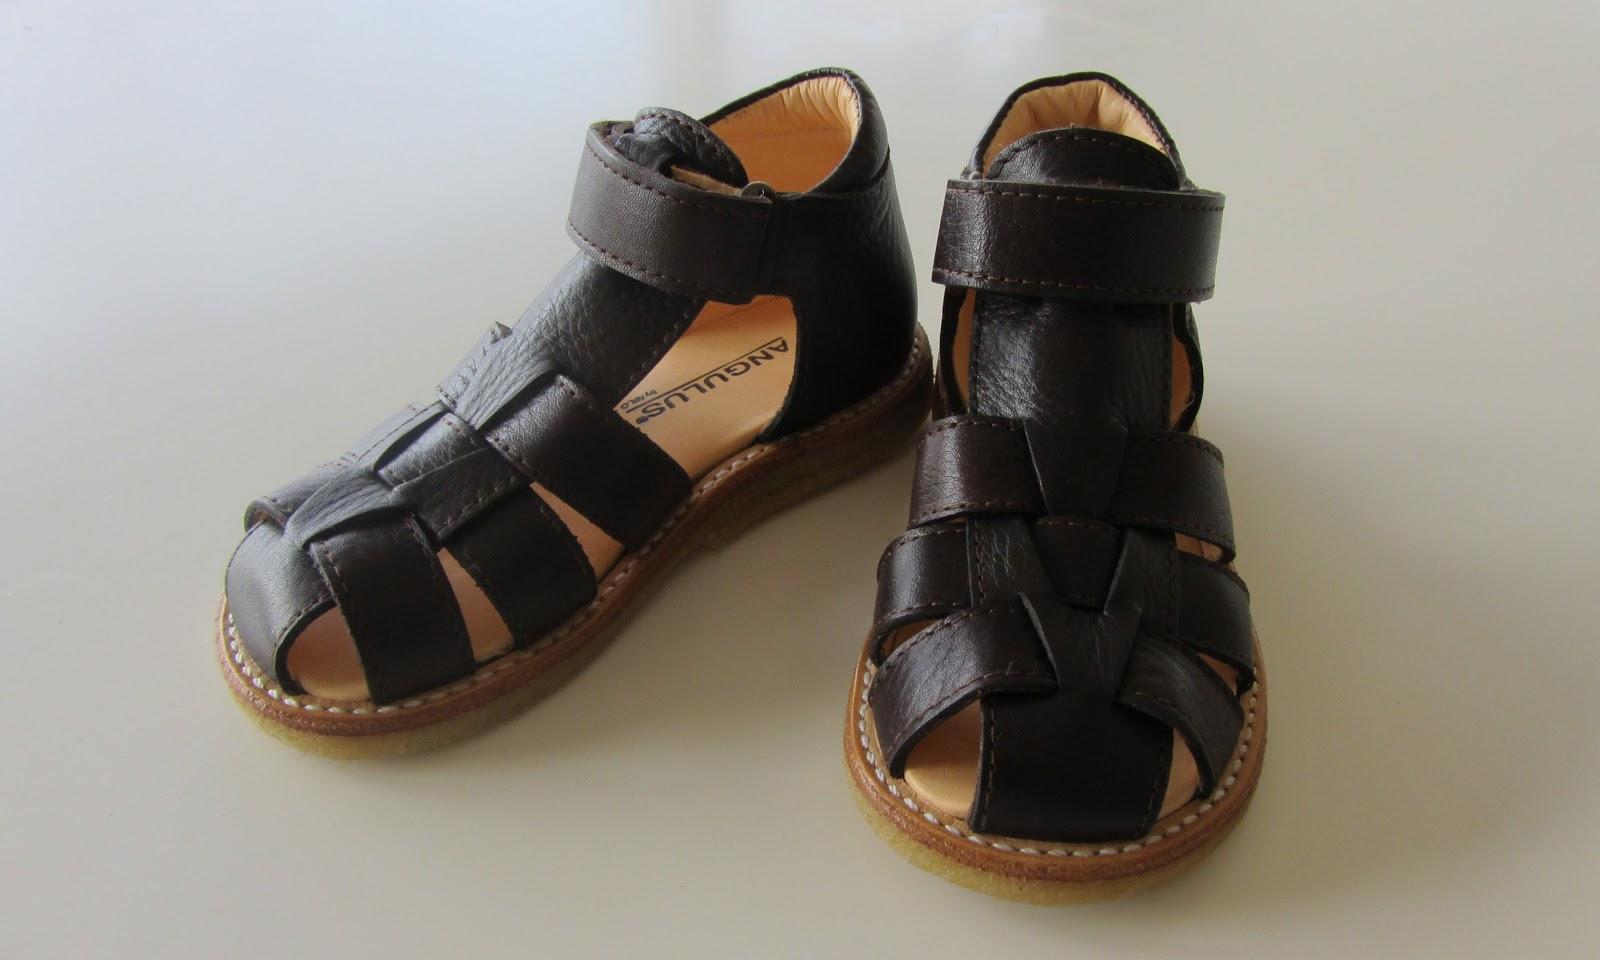 469af21028e3 Så er der købt sandaler til begge børn - jeg ved godt at det virker meget  tidligt